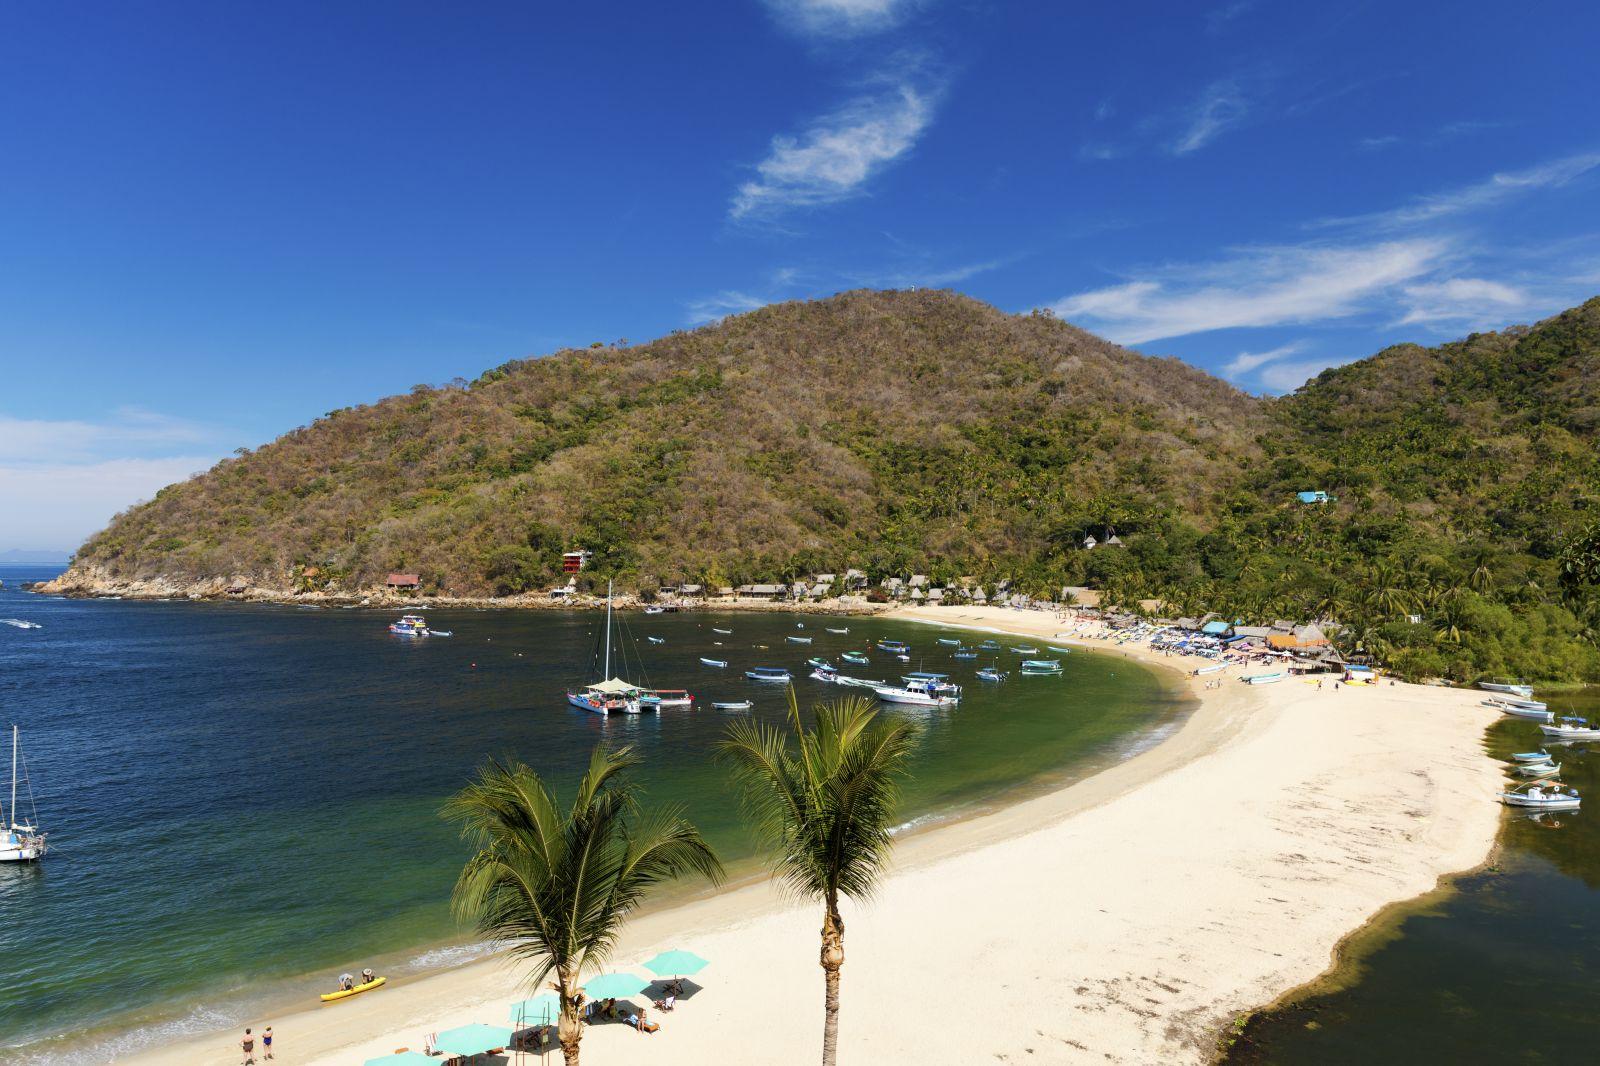 Auch in der Bucht von Banderas gibt es viele Sandstrände, wie hier in Yelapa. ©Zstock/AdobeStock